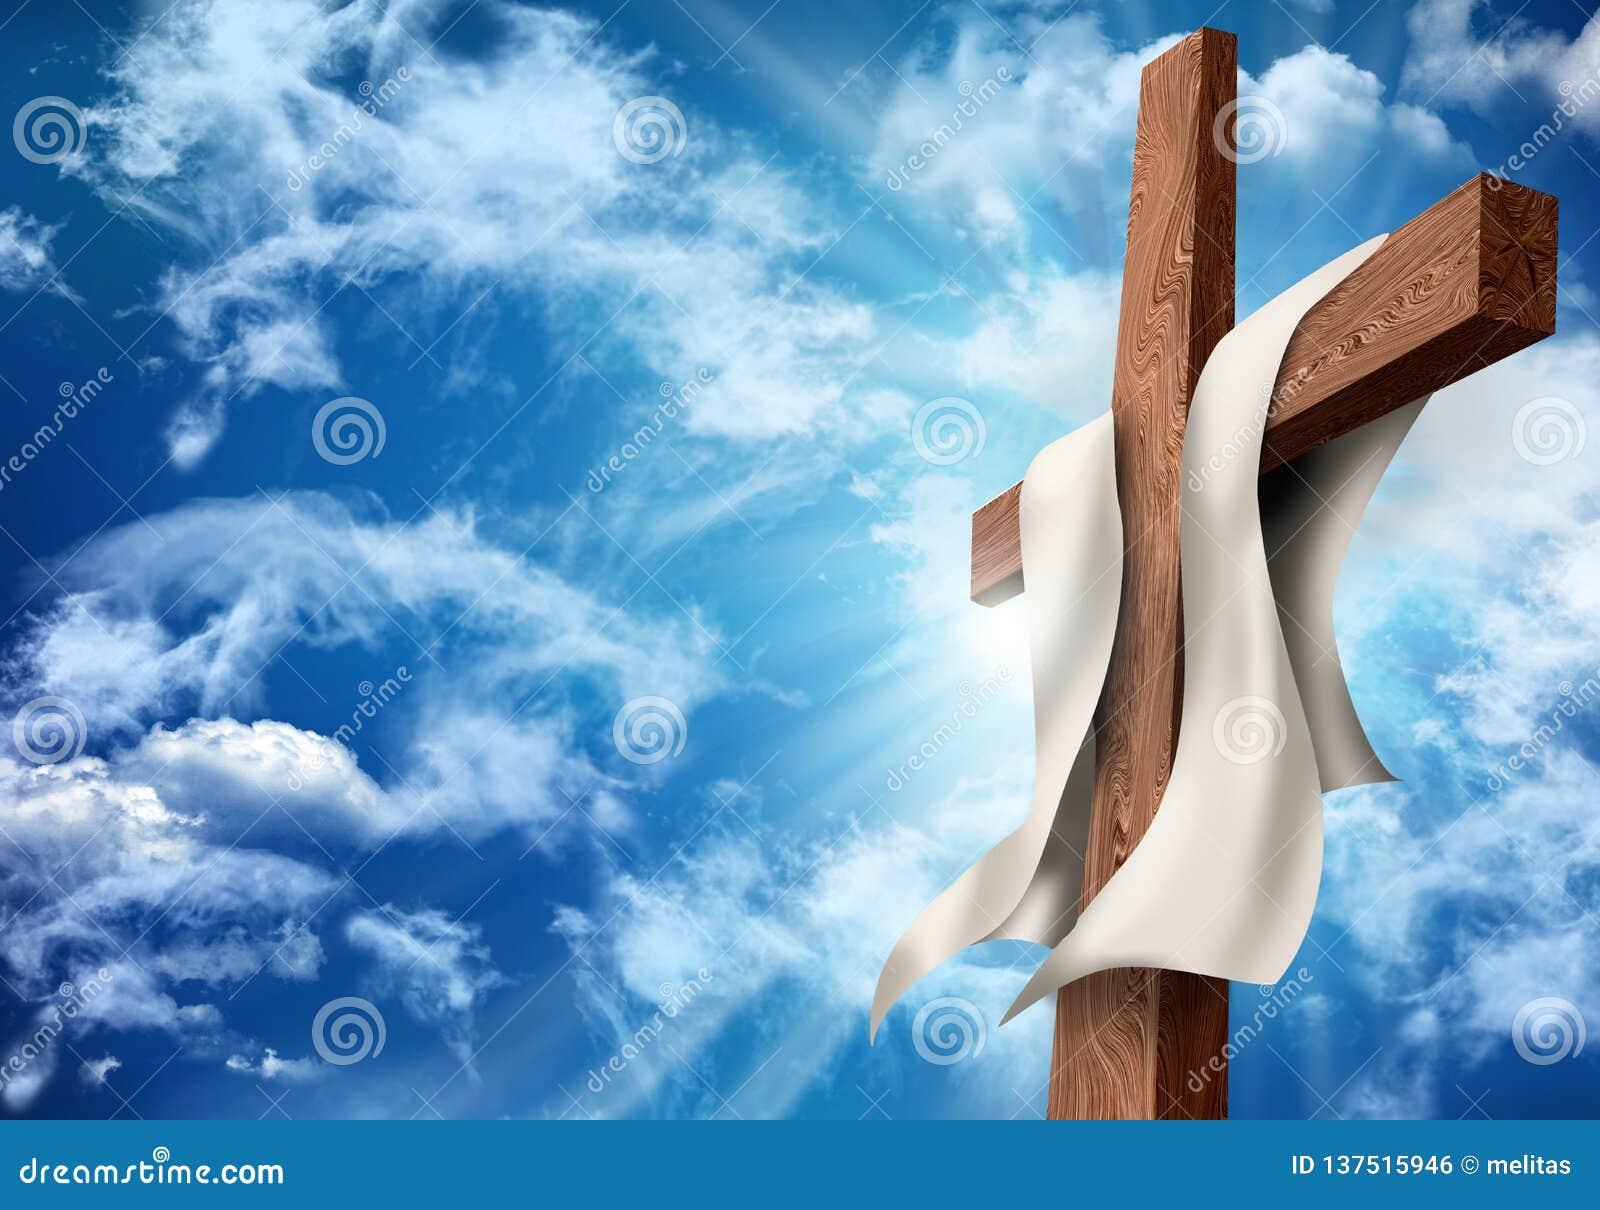 Resurrezione o crocifissione Concetto di Christian Easter Incrocio di legno sul fondo del cielo con le nuvole illustrazione 3D